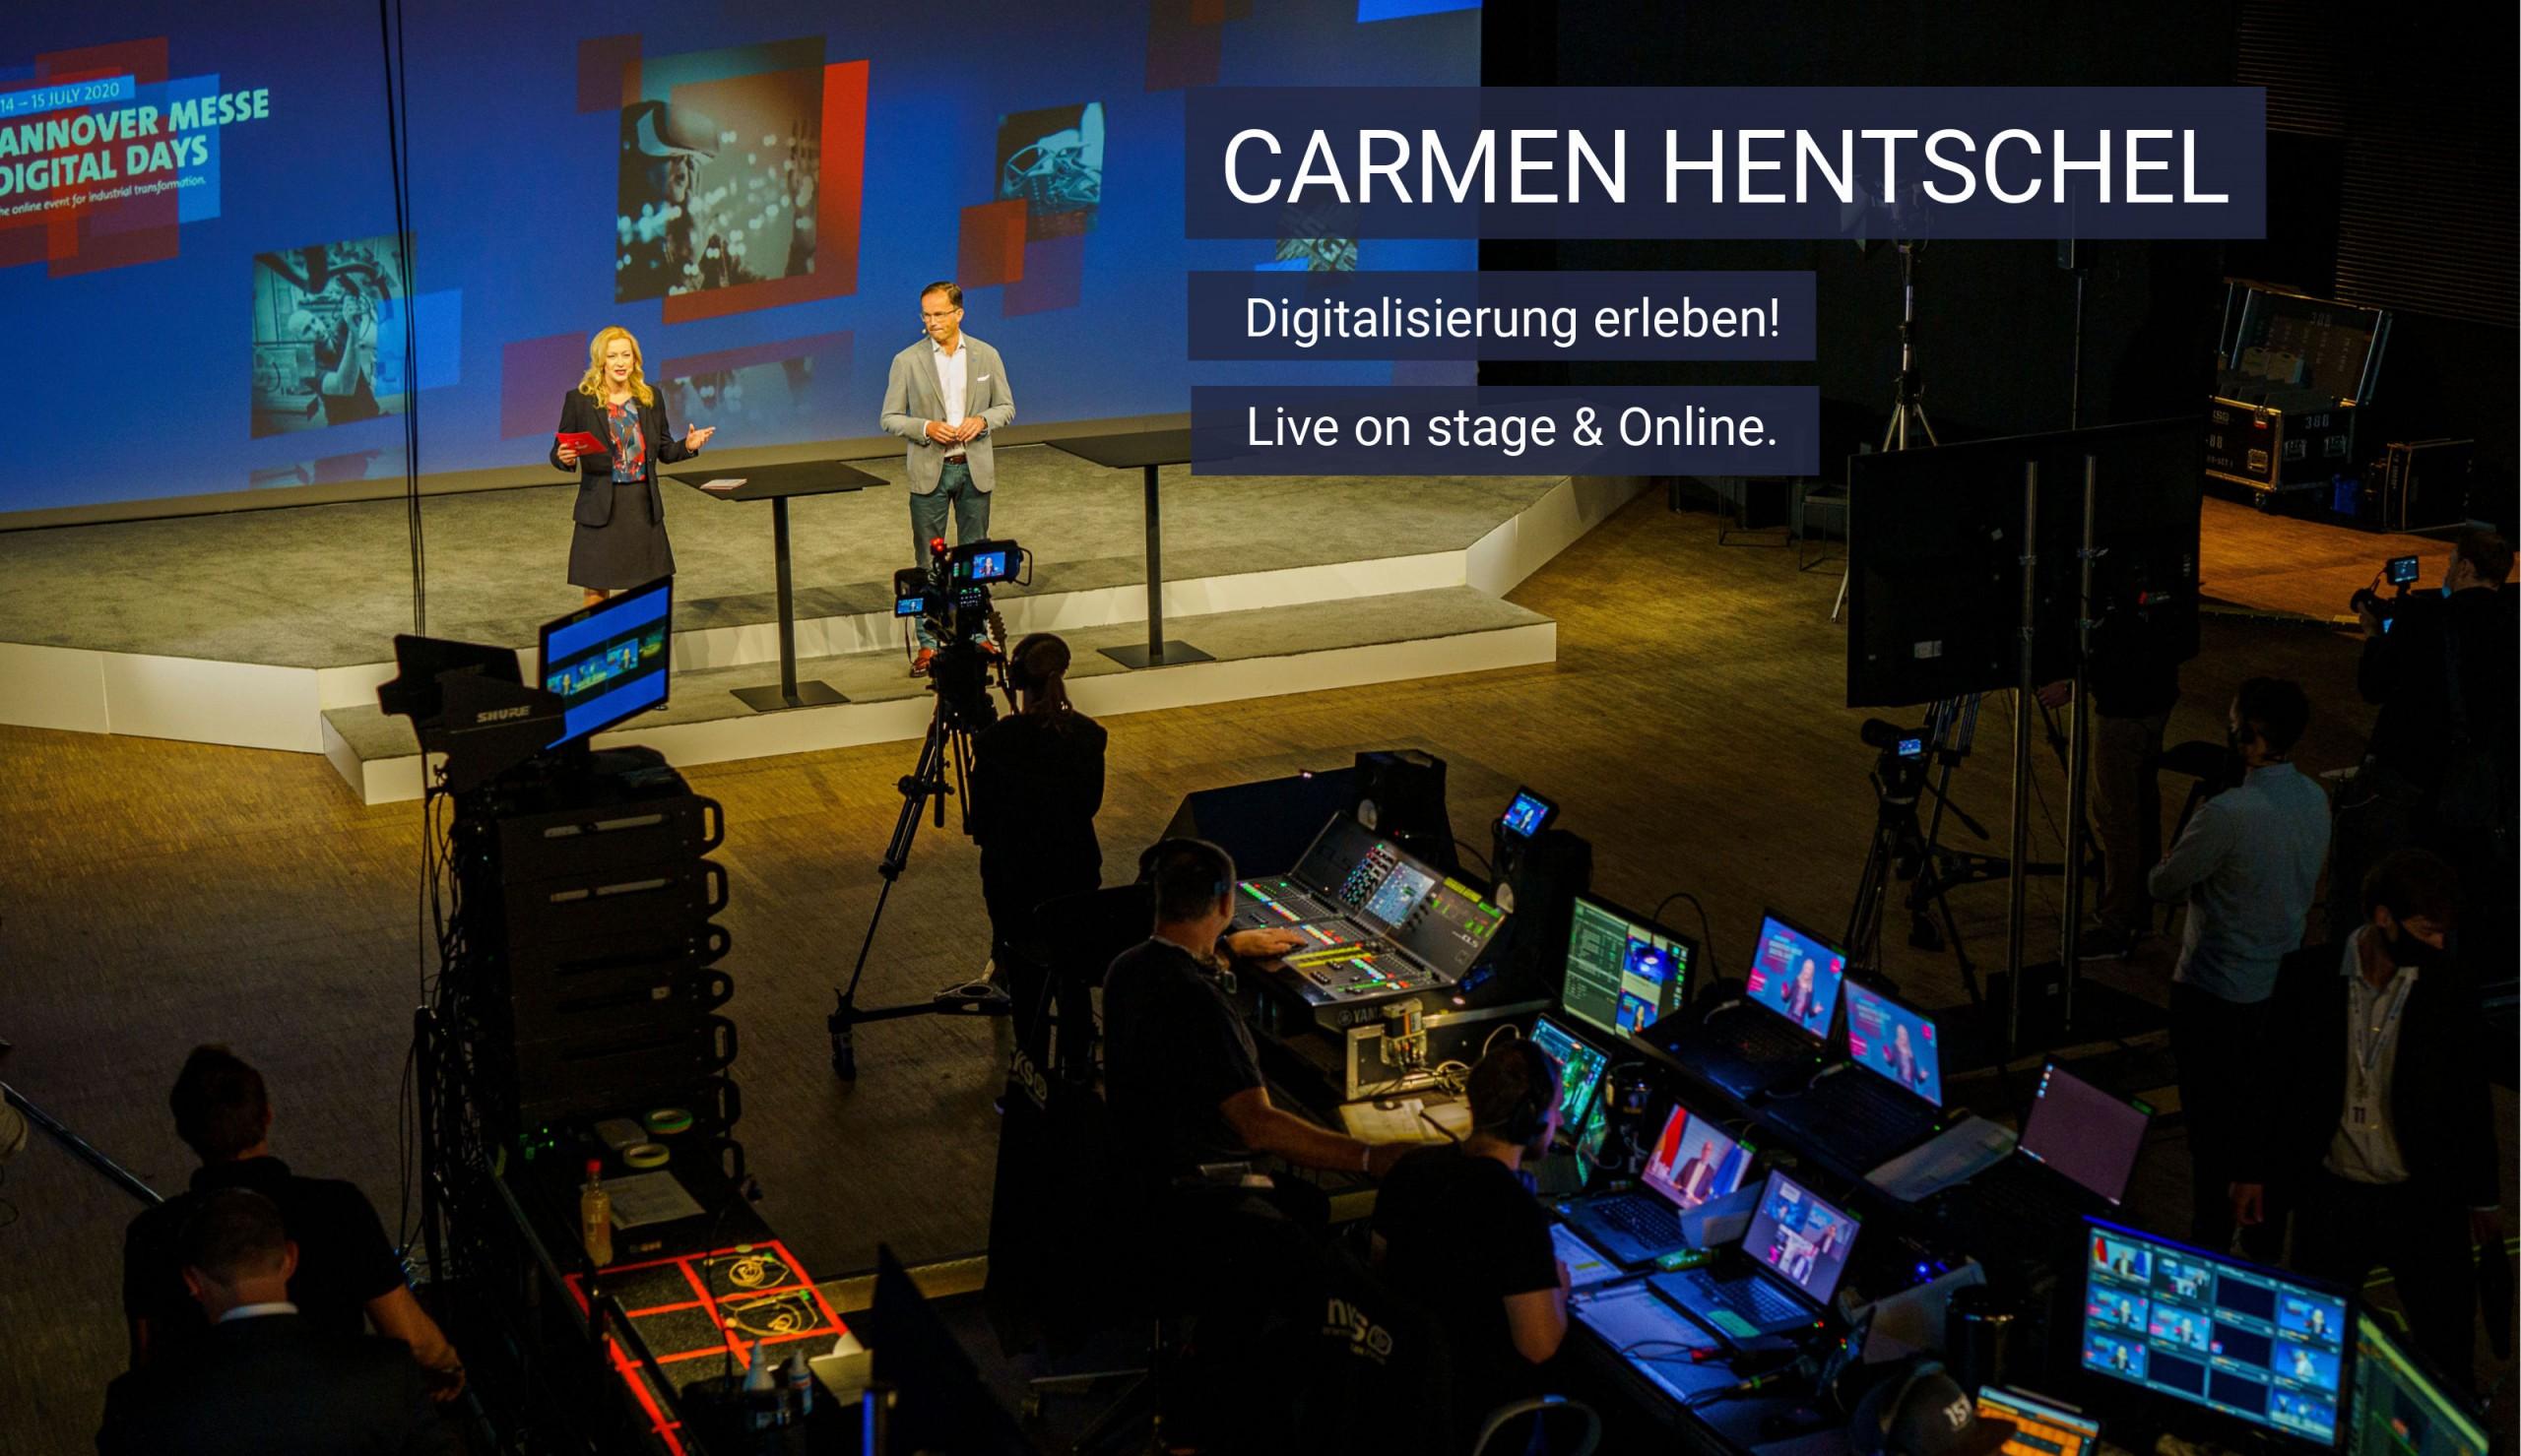 Carmen_Hentschel_Keynote_Speakerin_Moderatorin_Digitalisierung_Online_Events_Digitale_Events